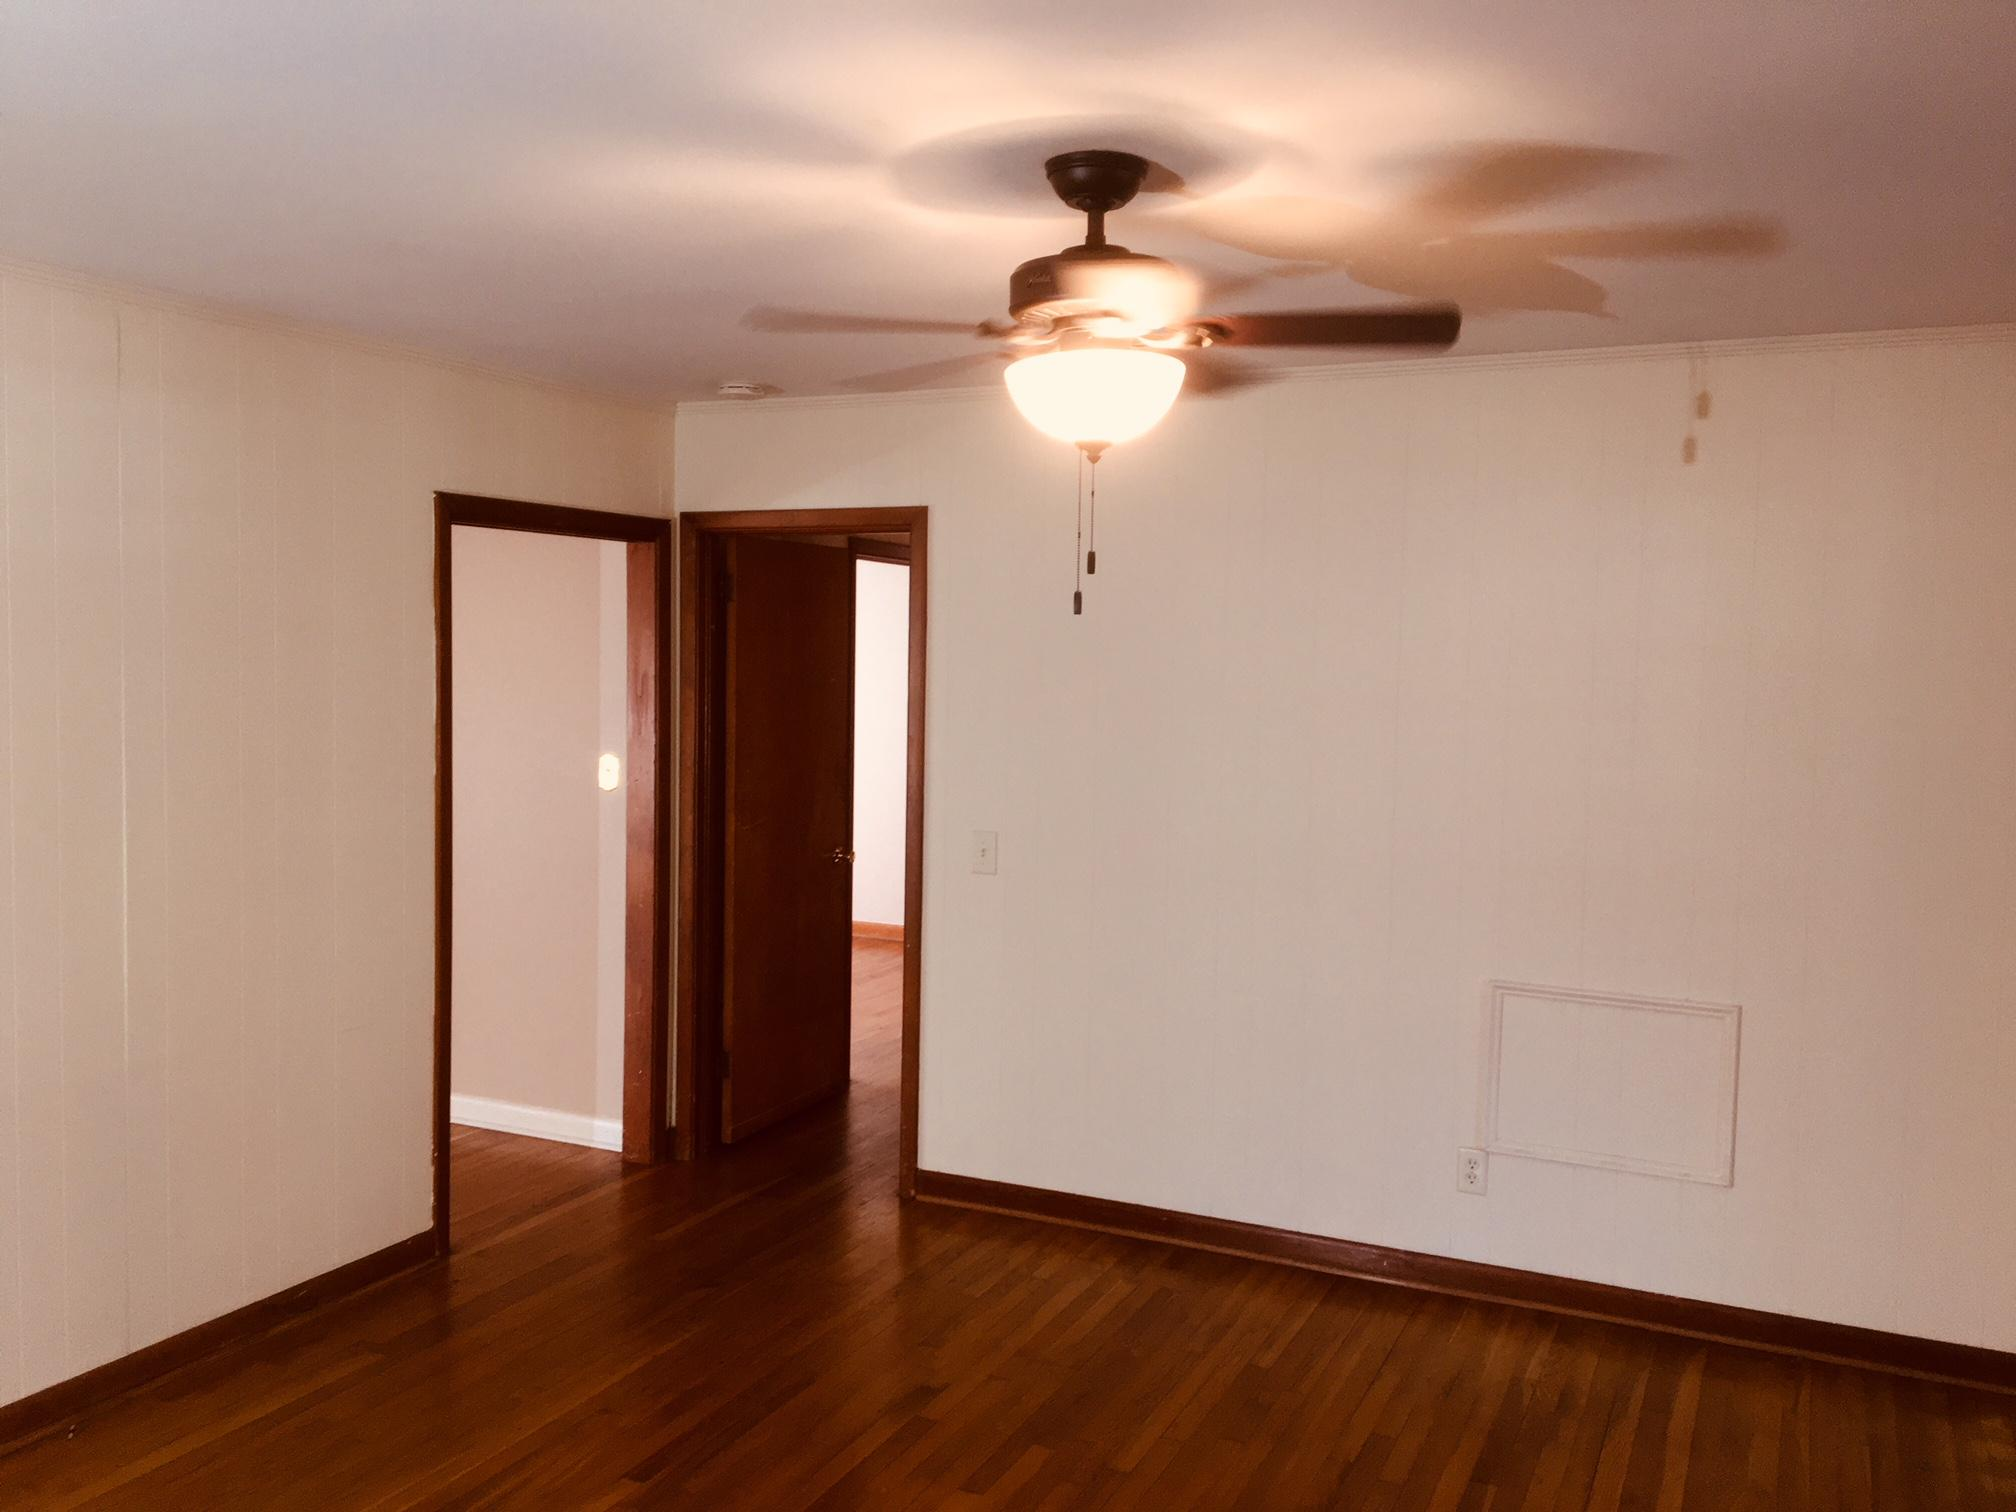 Shemwood Homes For Sale - 1146 Saint Elizabeth, Mount Pleasant, SC - 8